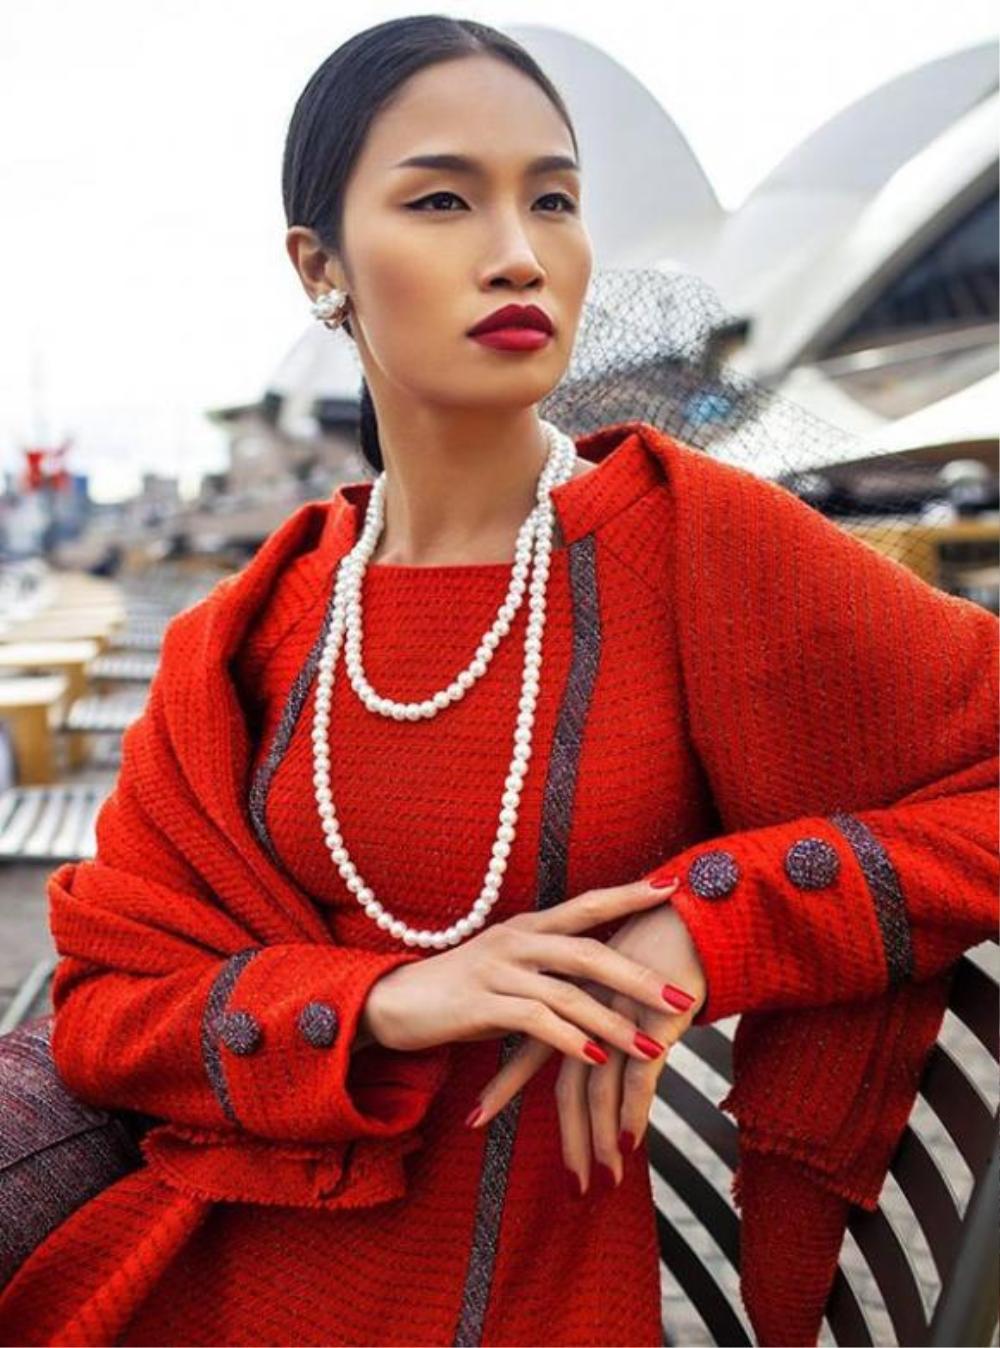 5 mỹ nhân khước từ cơ hội thi Miss Universe: Thanh Hằng gây tiếc nuối, Diễm Trang sợ thiếu thời gian Ảnh 1